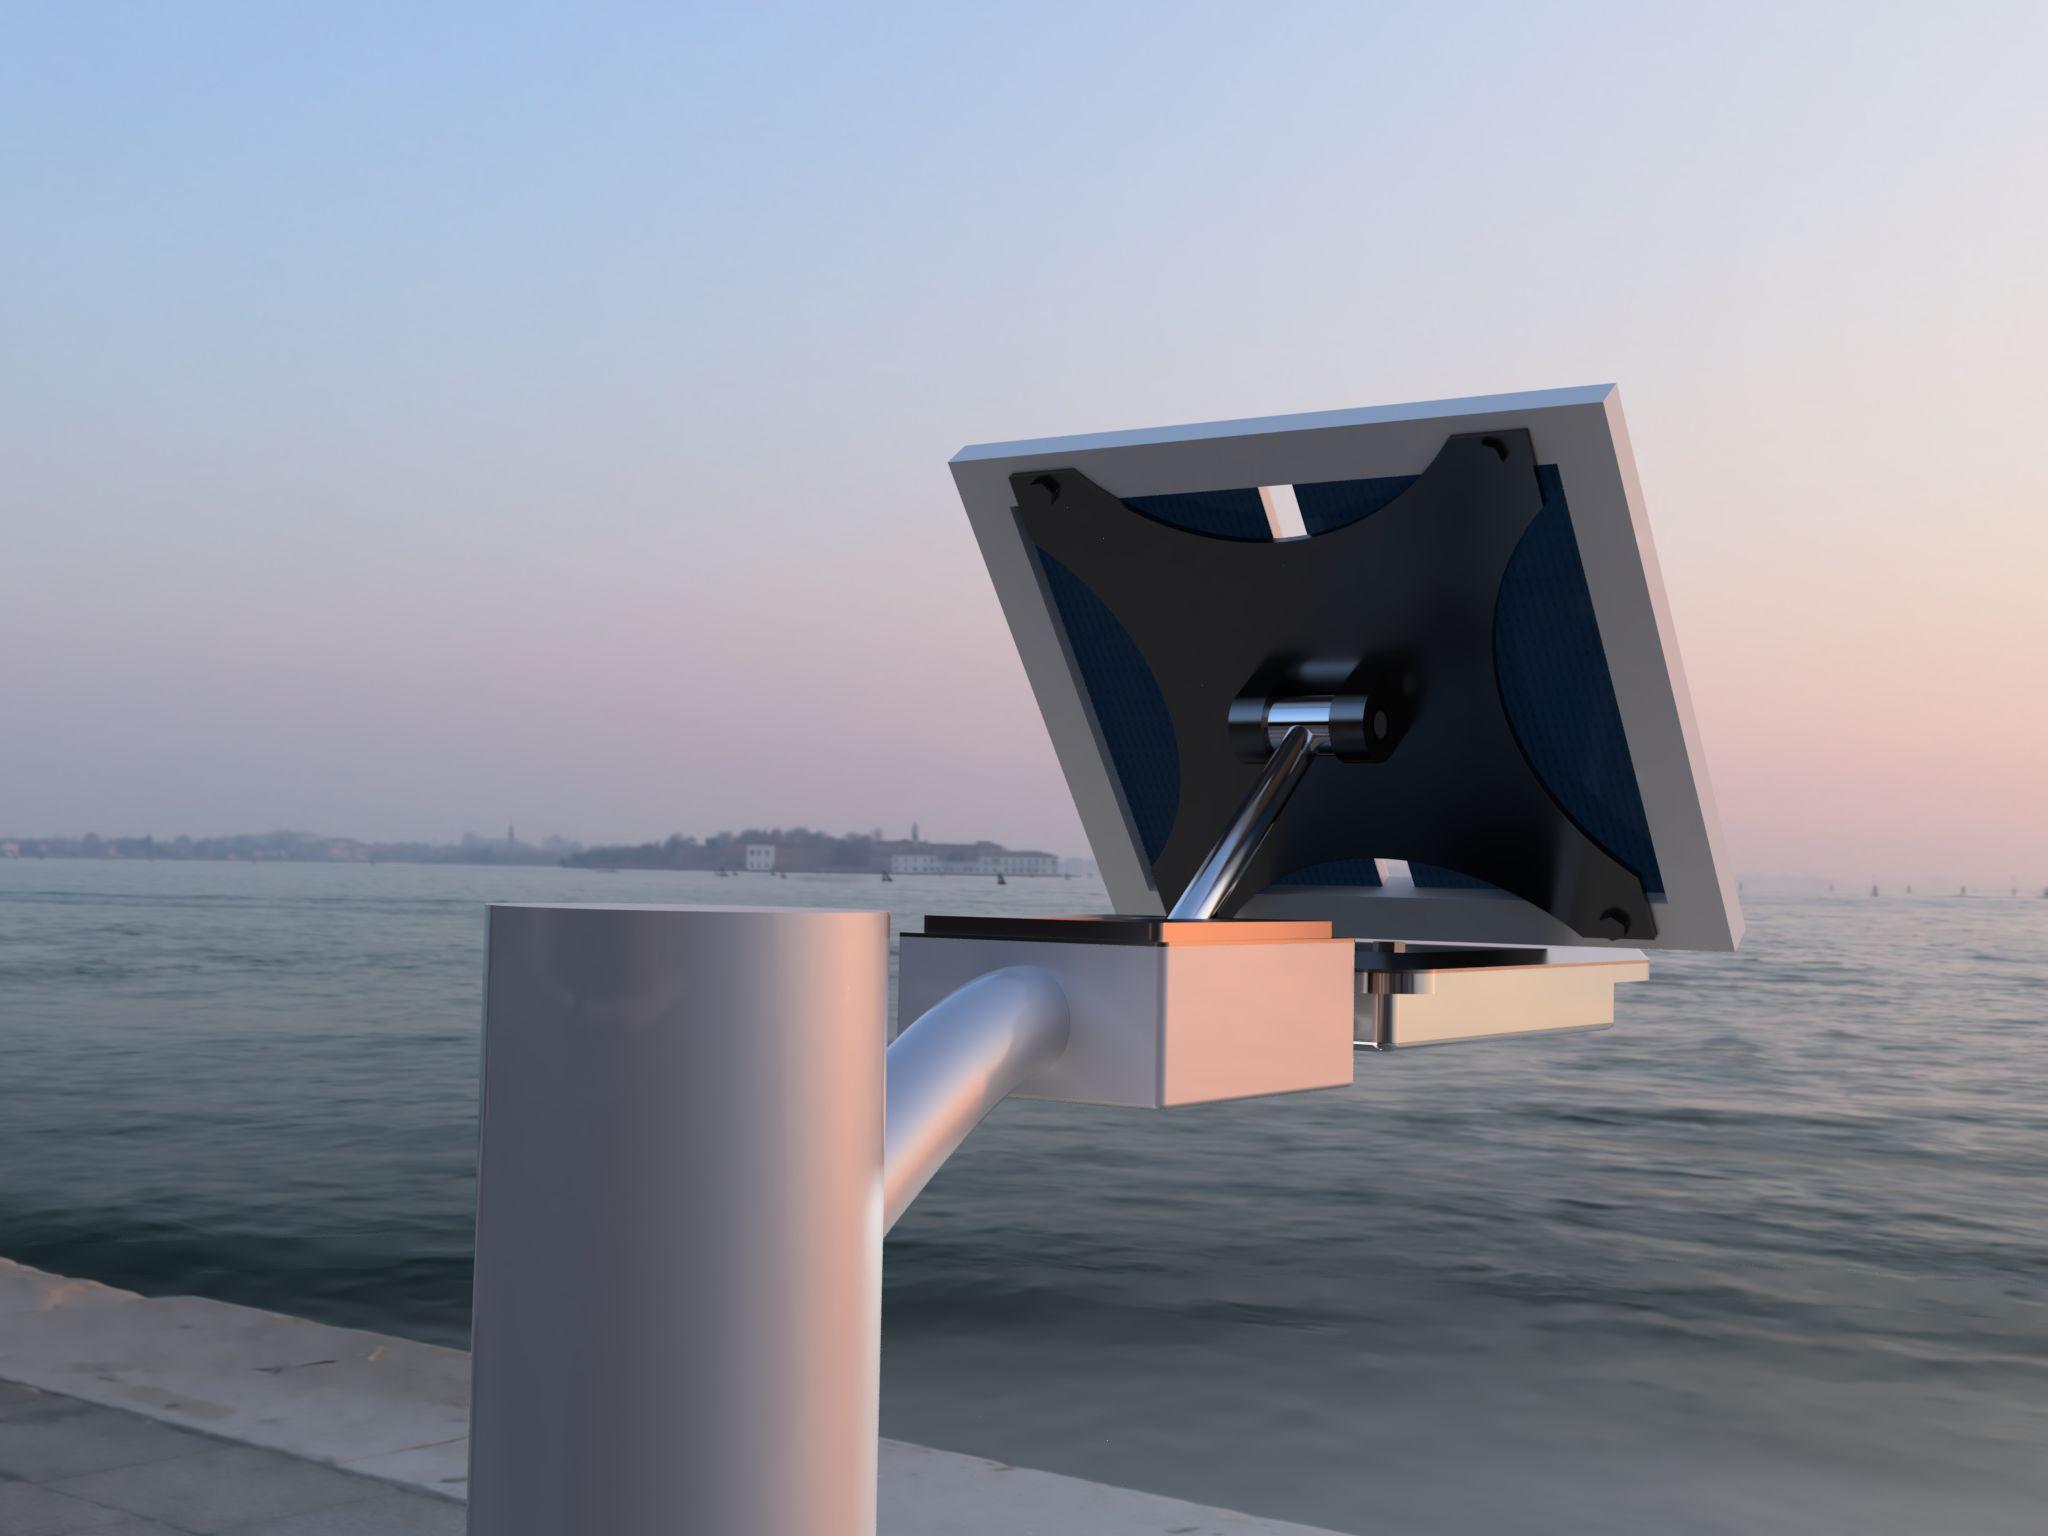 Lamp-render-2019-apr-21-01-13-22pm-000-customizedview16641156315-png-3500-3500